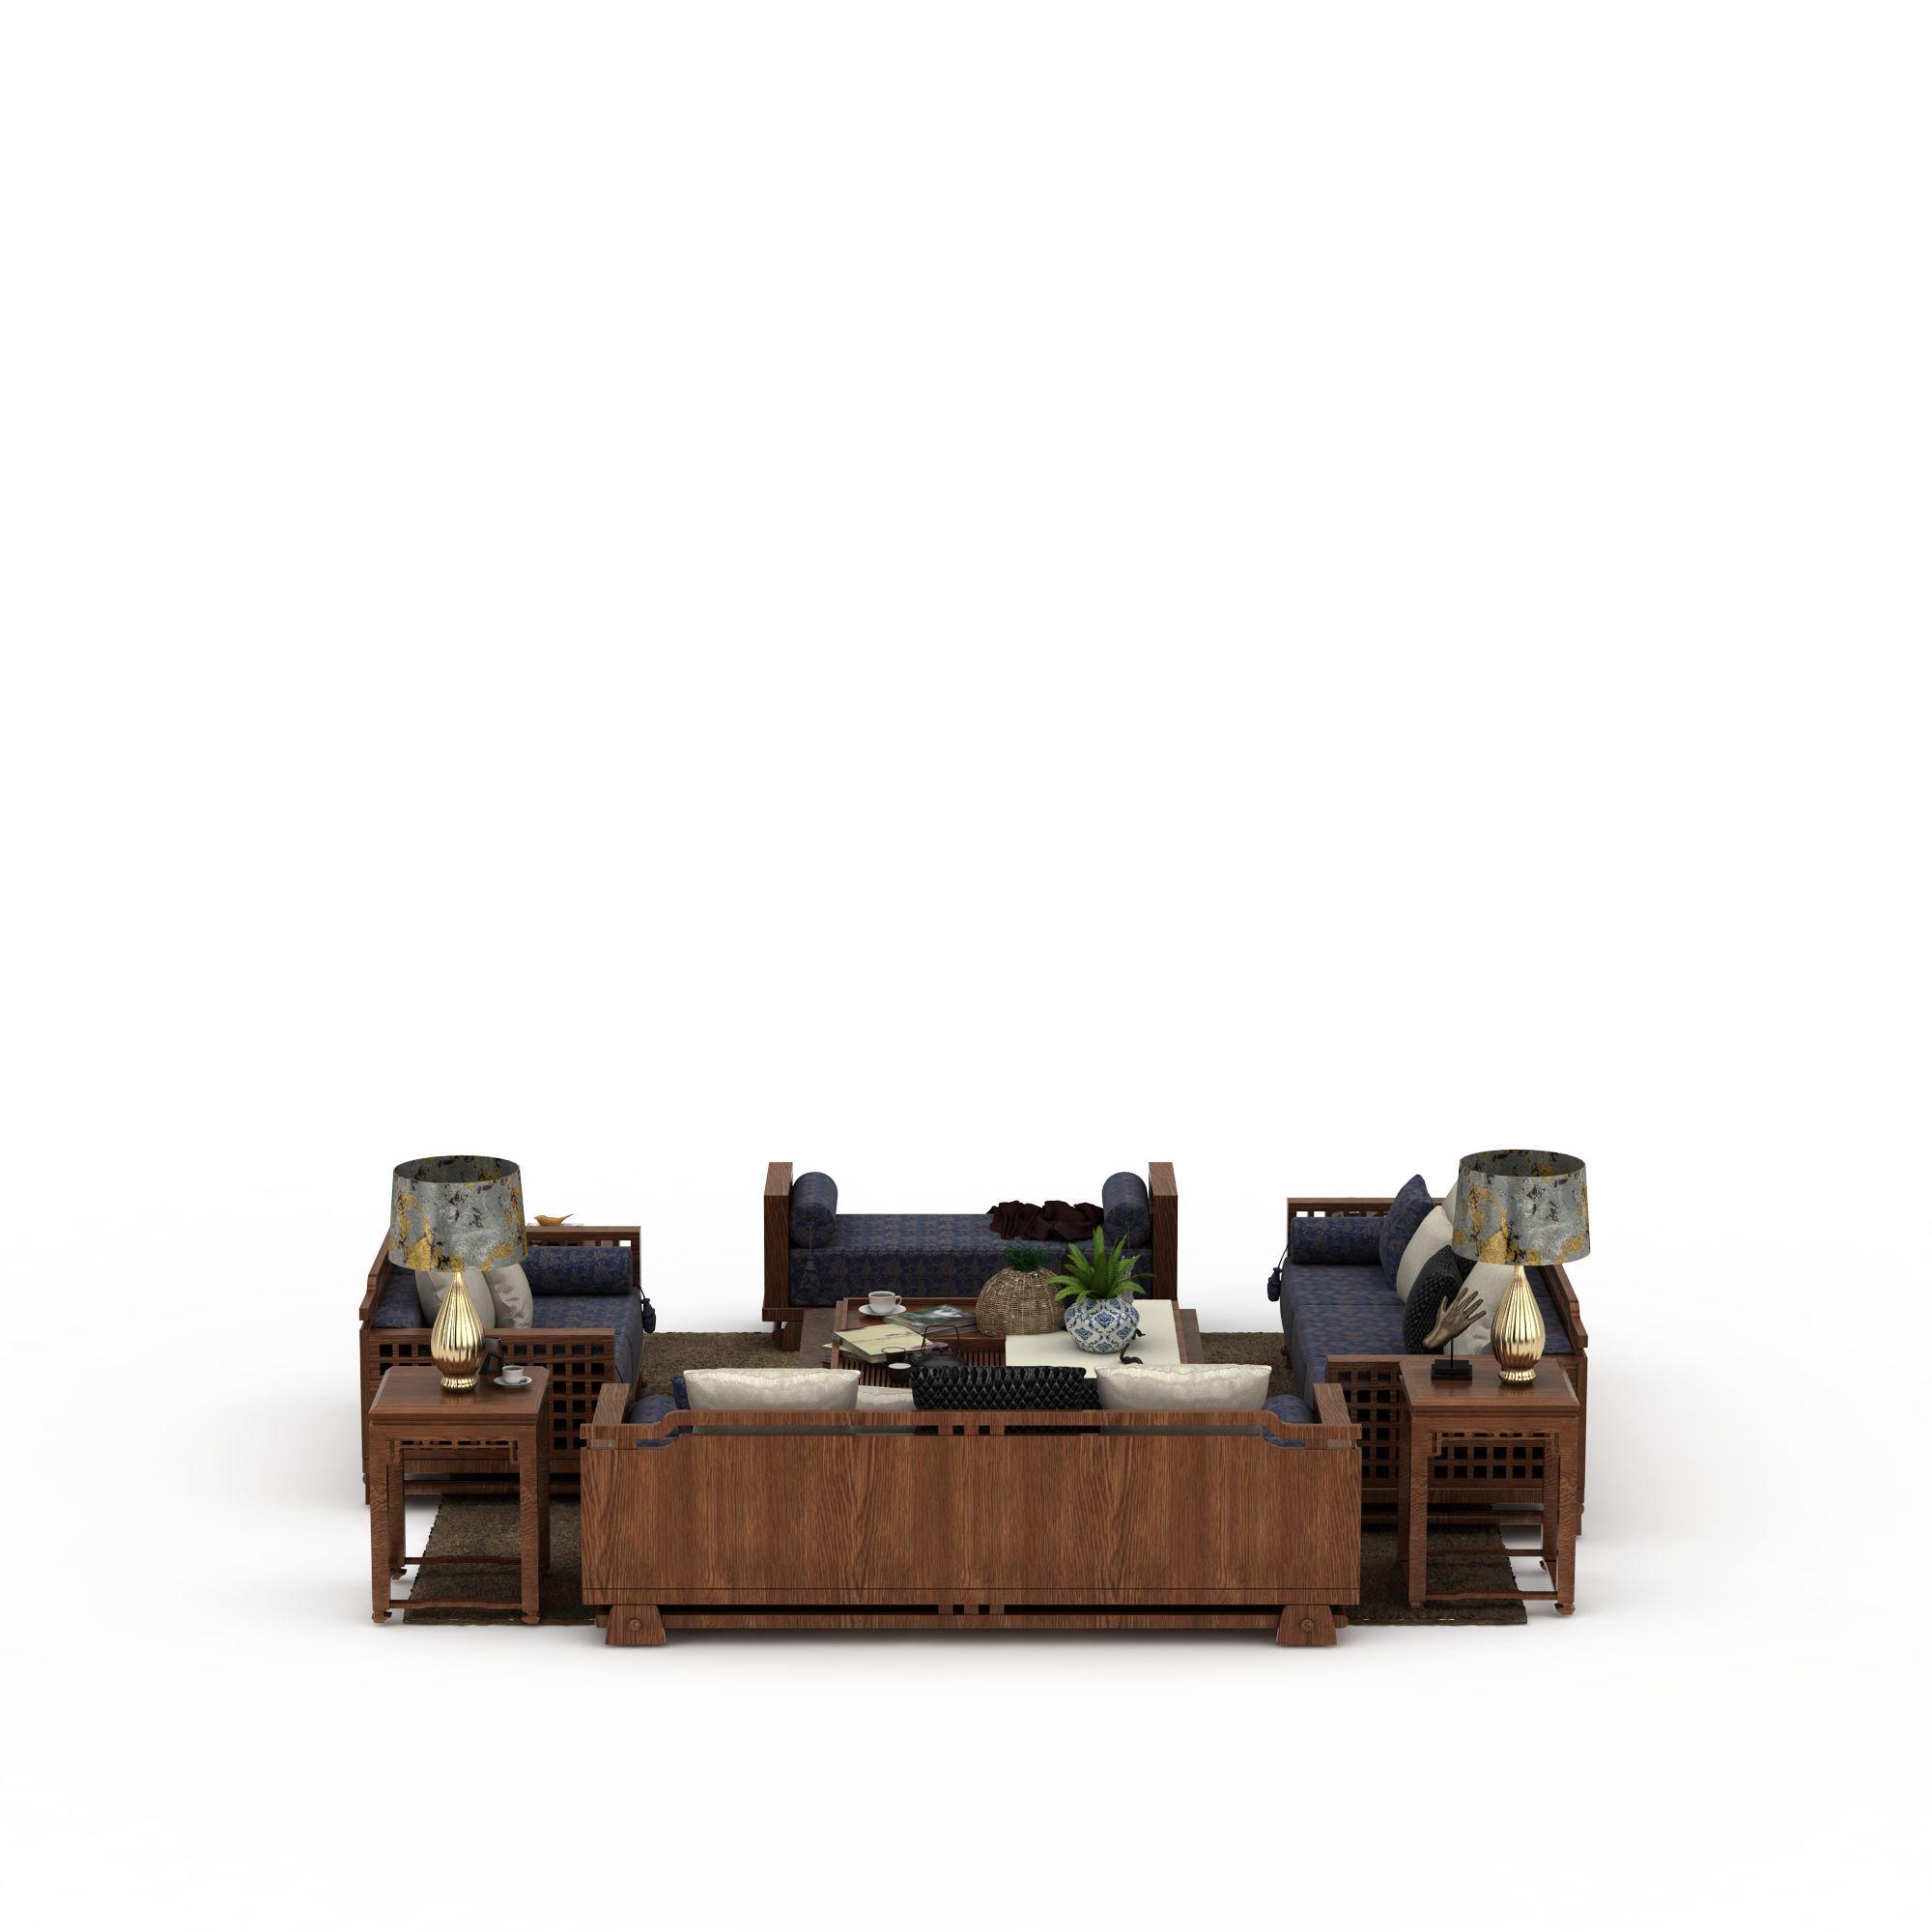 中式沙发组合高清图下载图片